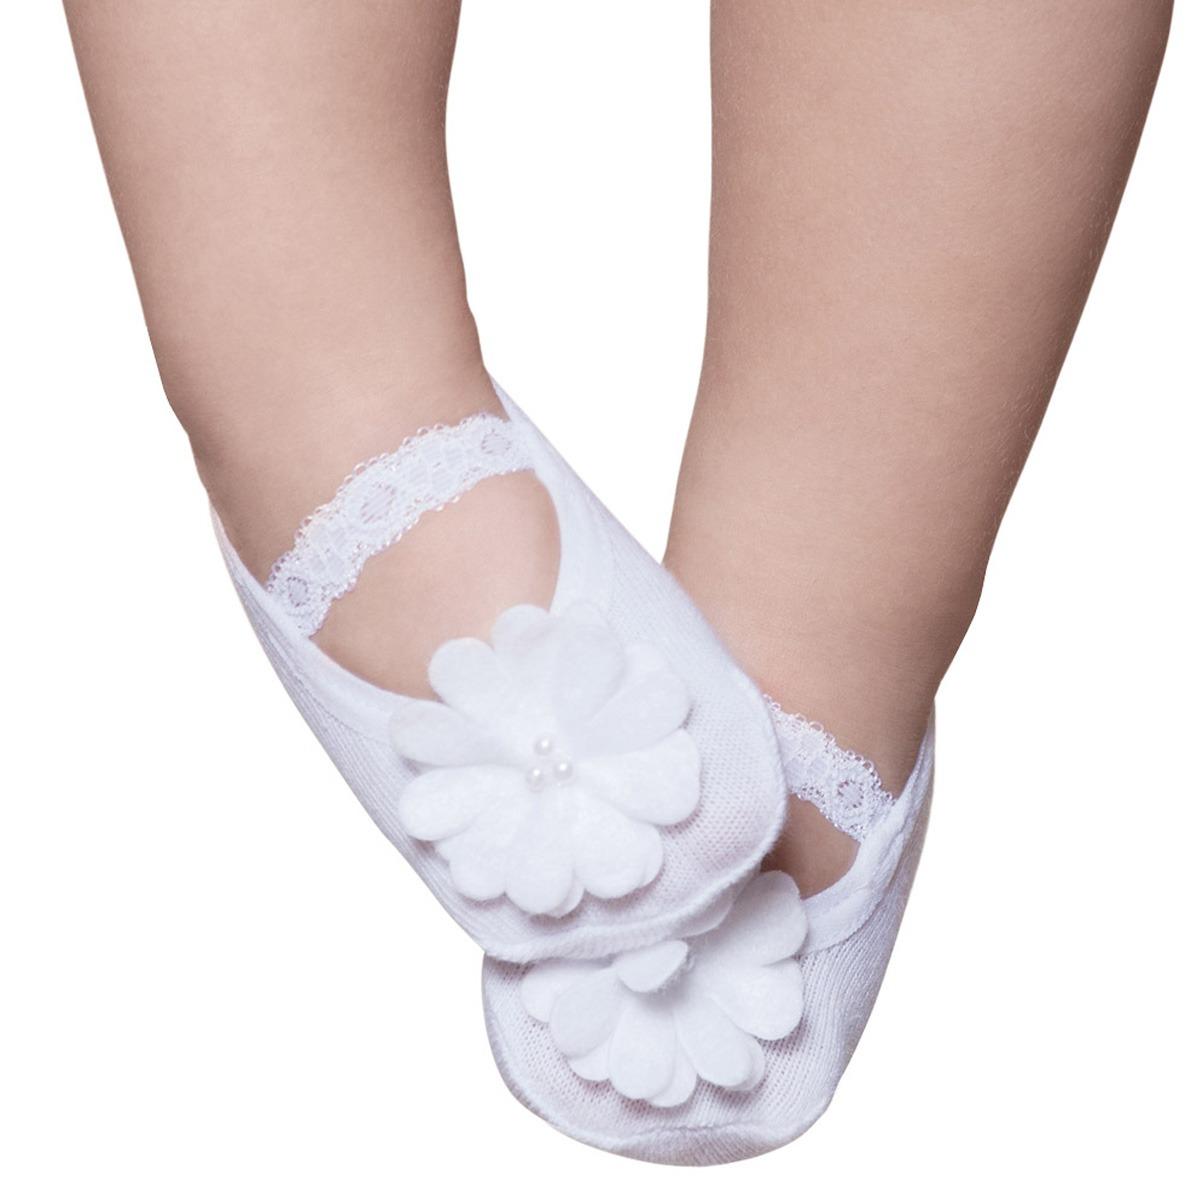 7a86281735 meia sapatilha para bebe renda e flor branca - puket. Carregando zoom.